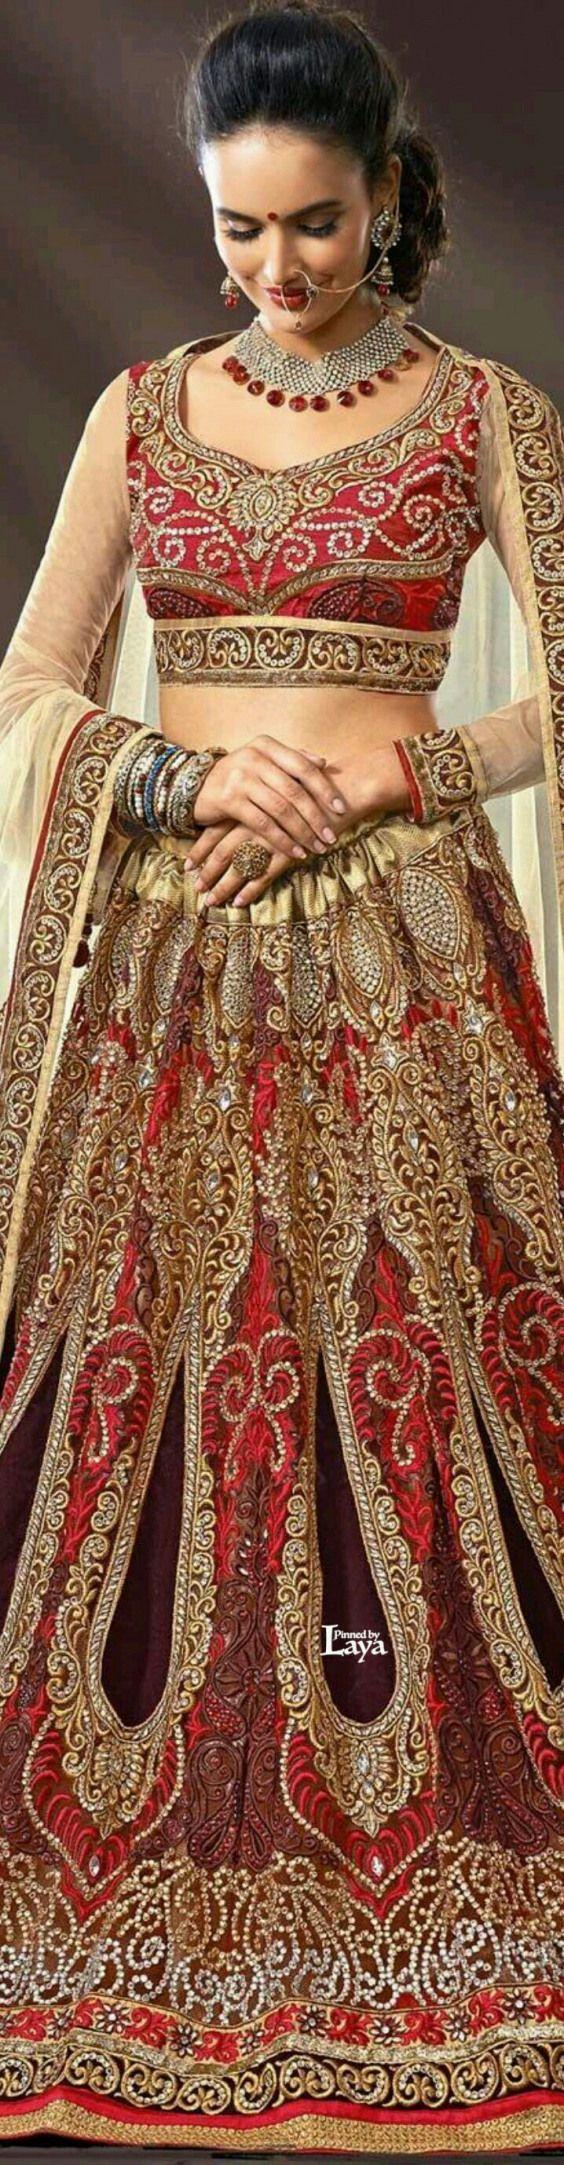 Bridal Lehenga engagements lehenga wedding lehenga reception Outfit Sangeet outf…